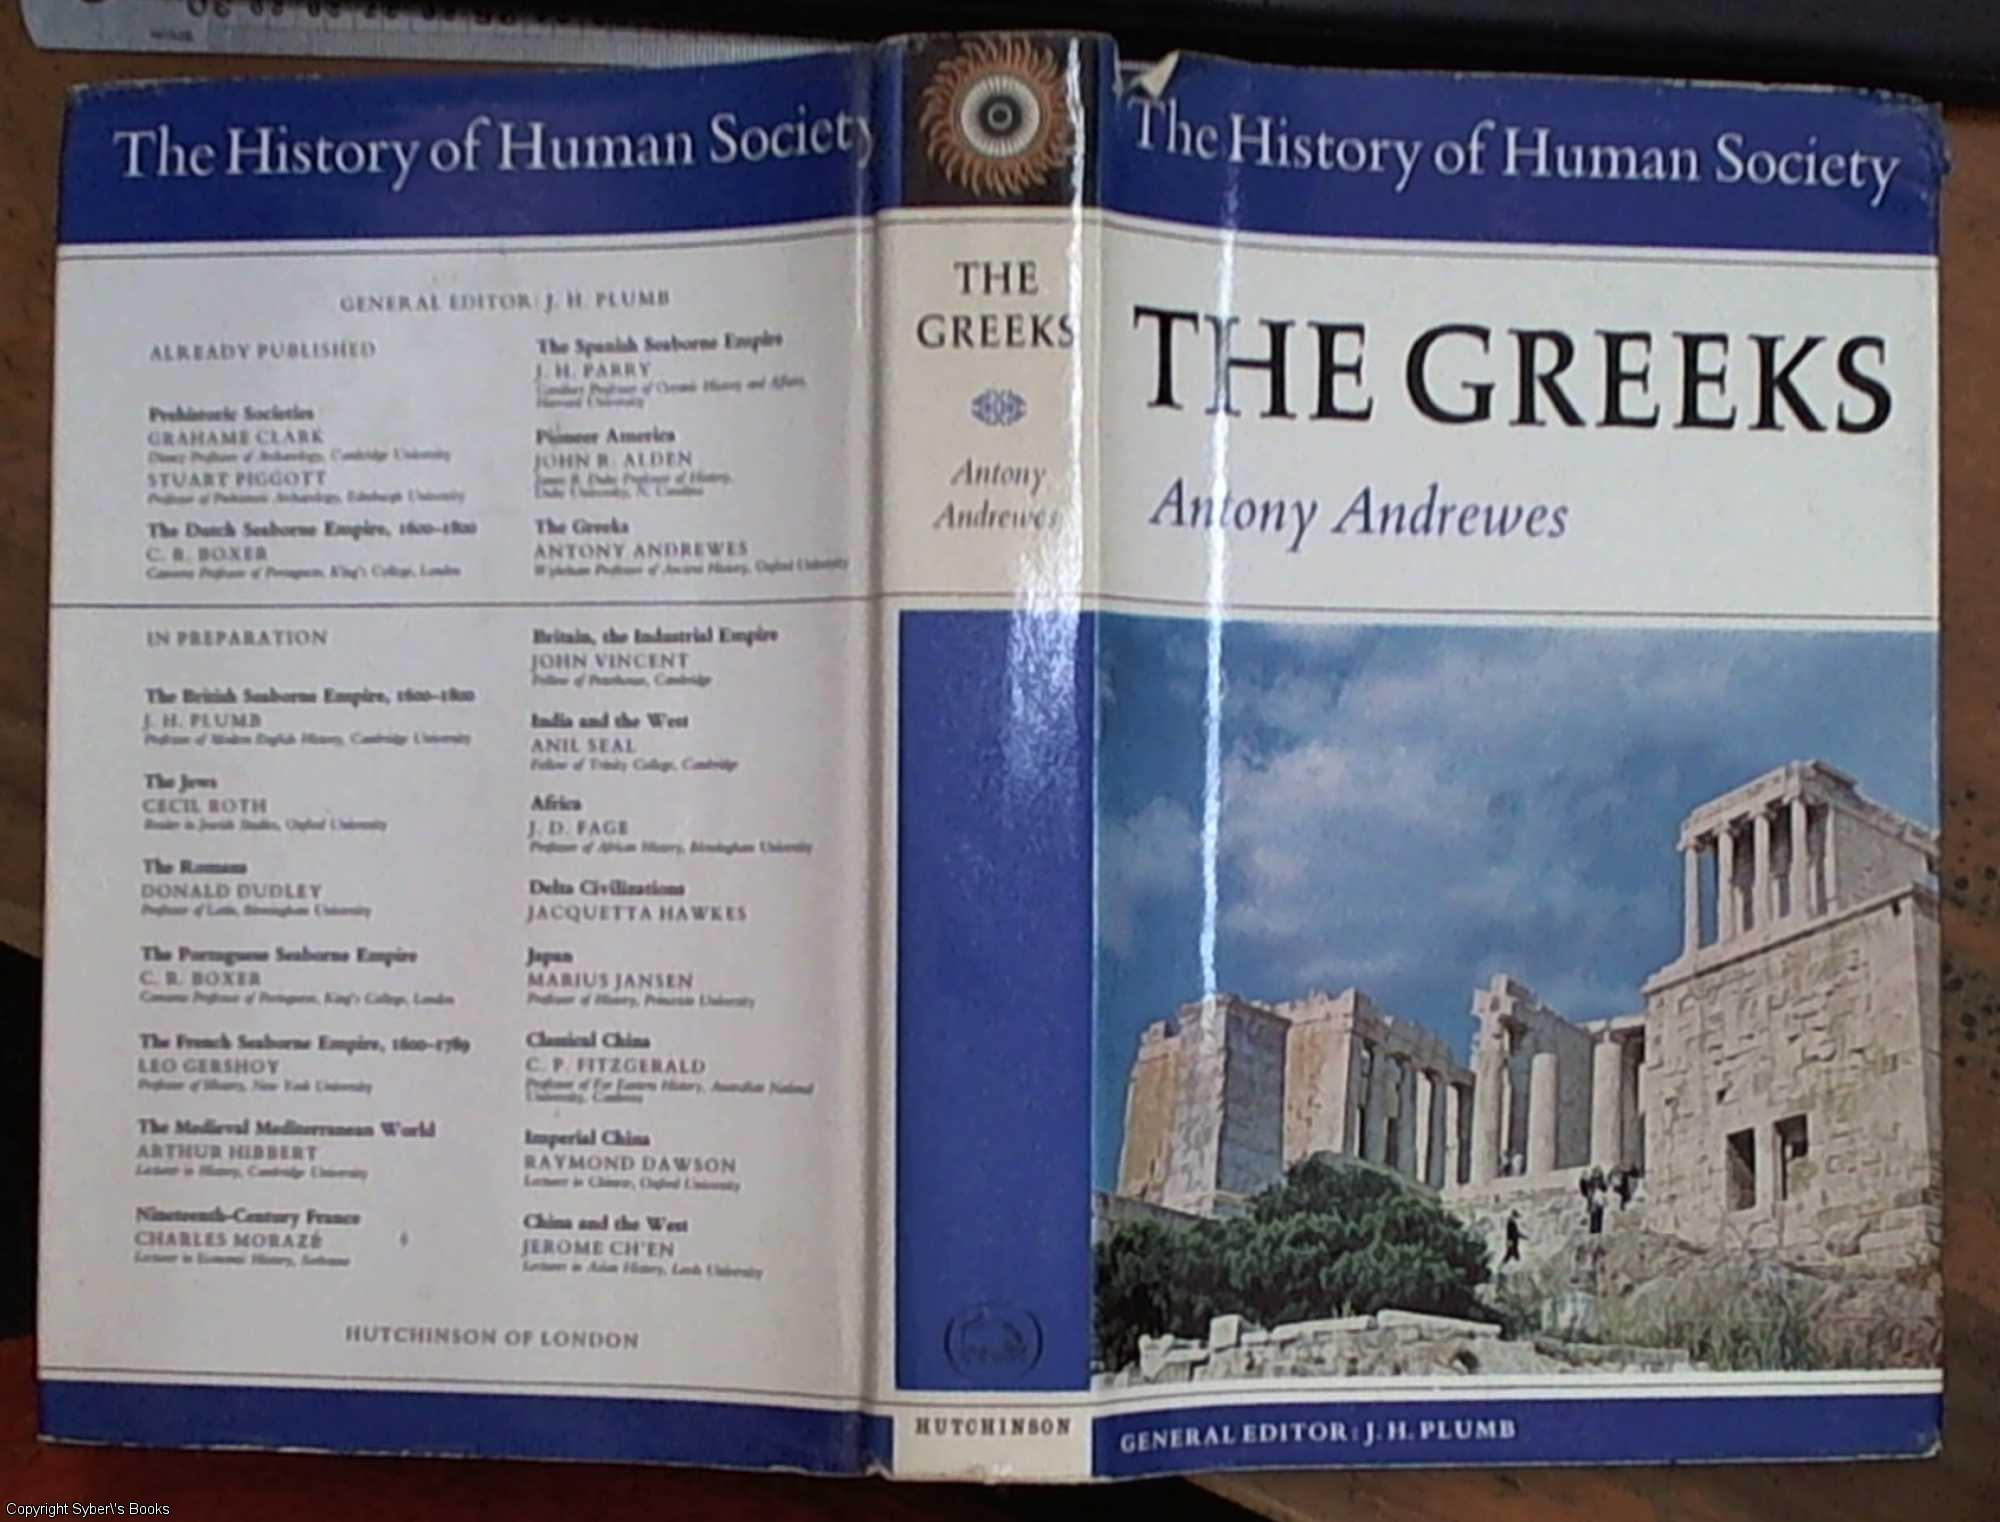 Antony Andrewes